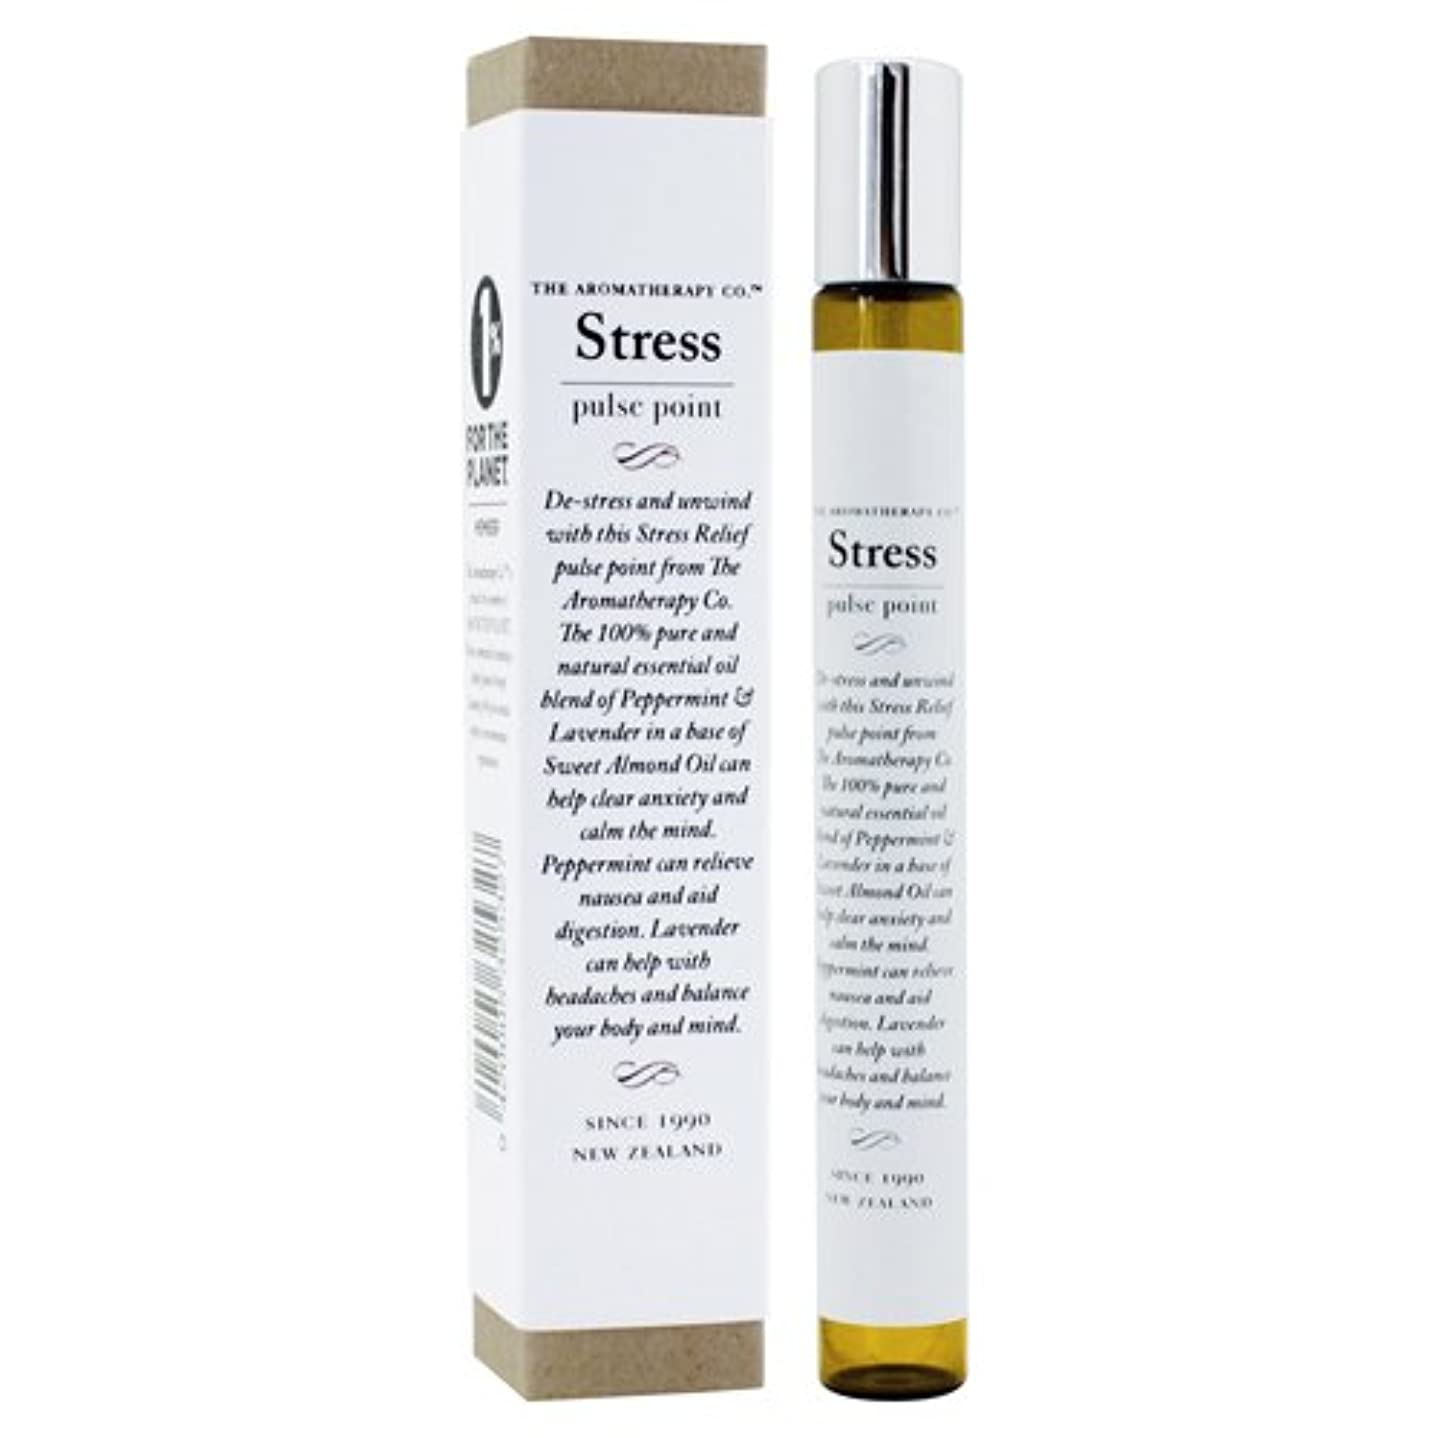 分解する過剰オフセットTherapy Range セラピーレンジ Pulse Pointパルスポイント Stressストレス